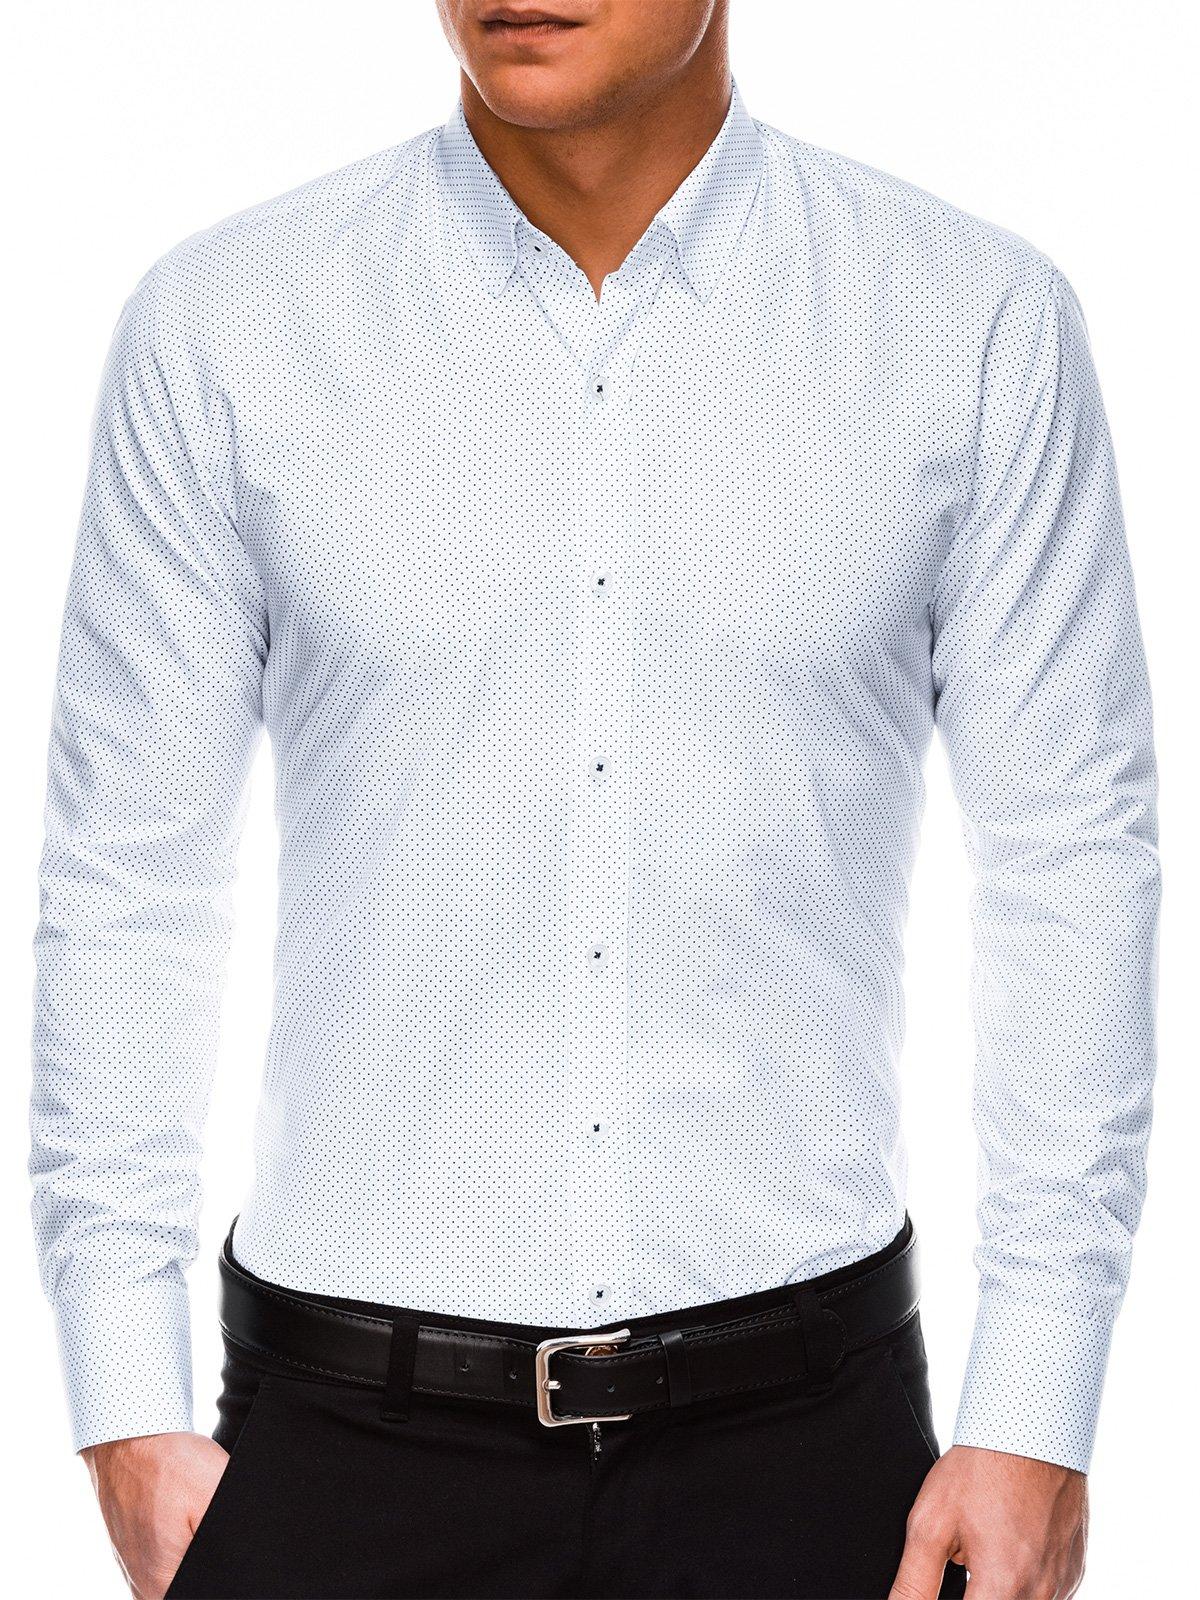 Купить со скидкой Сорочка чоловіча елегантна з довгим рукавом K468 - біла/темно-синя